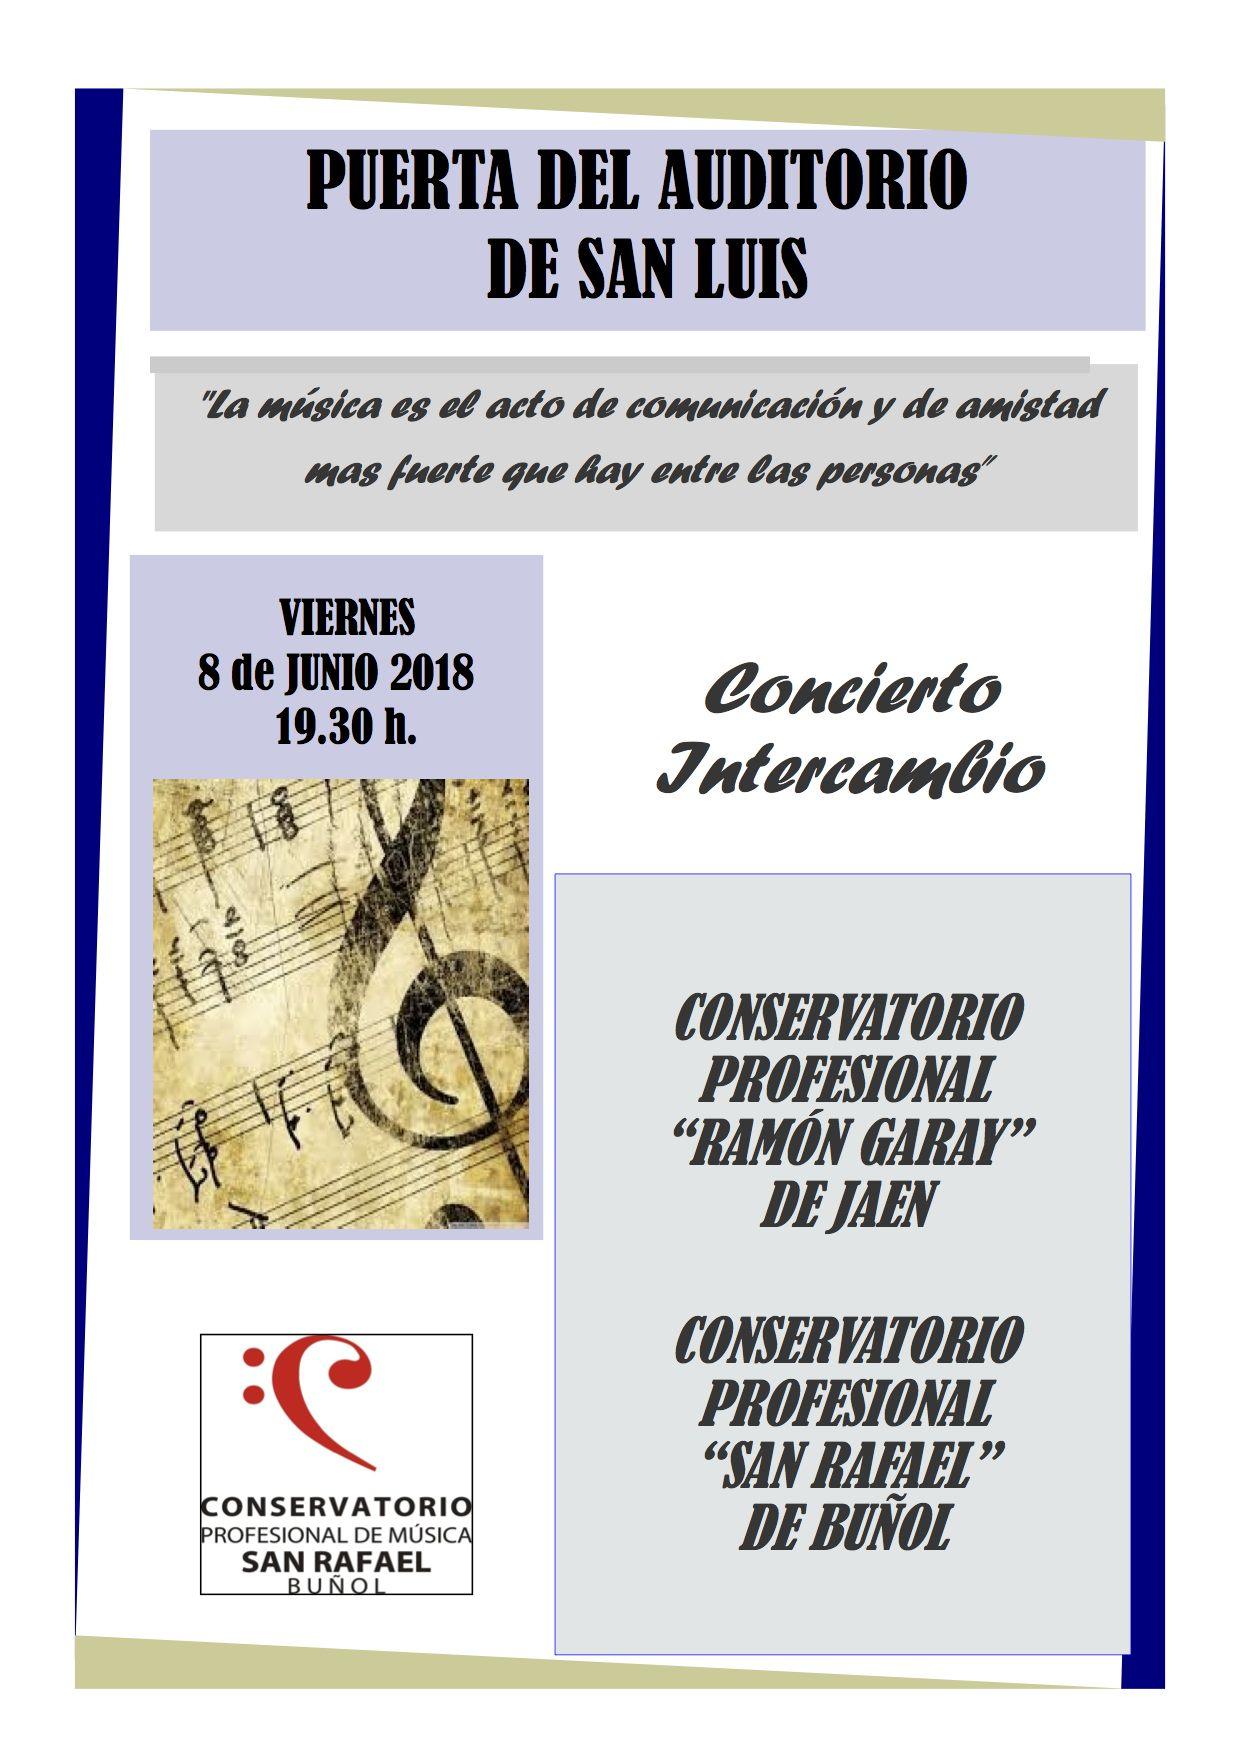 Cartel del intercambio musical.